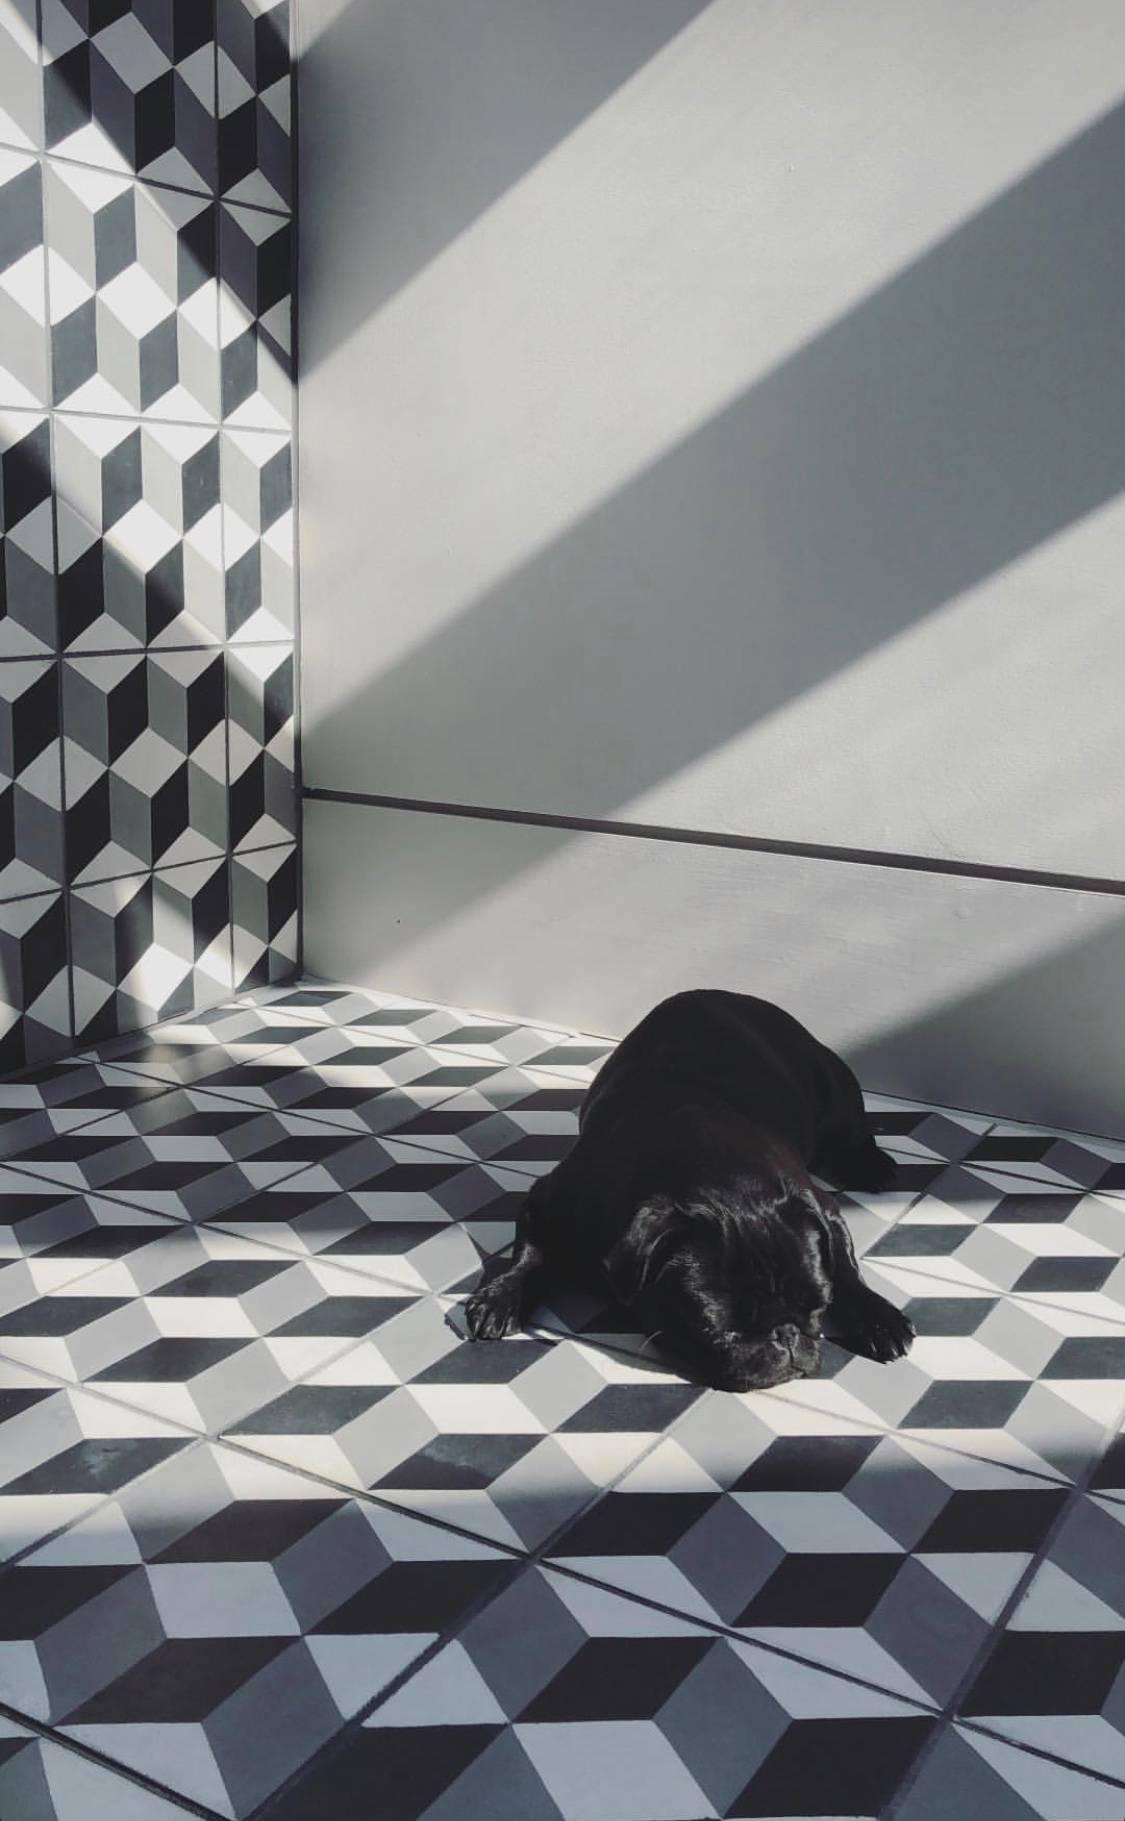 Vente De Carrelage Pour Mosaique De Galets Japonais Monaco Diffusion Ceramique